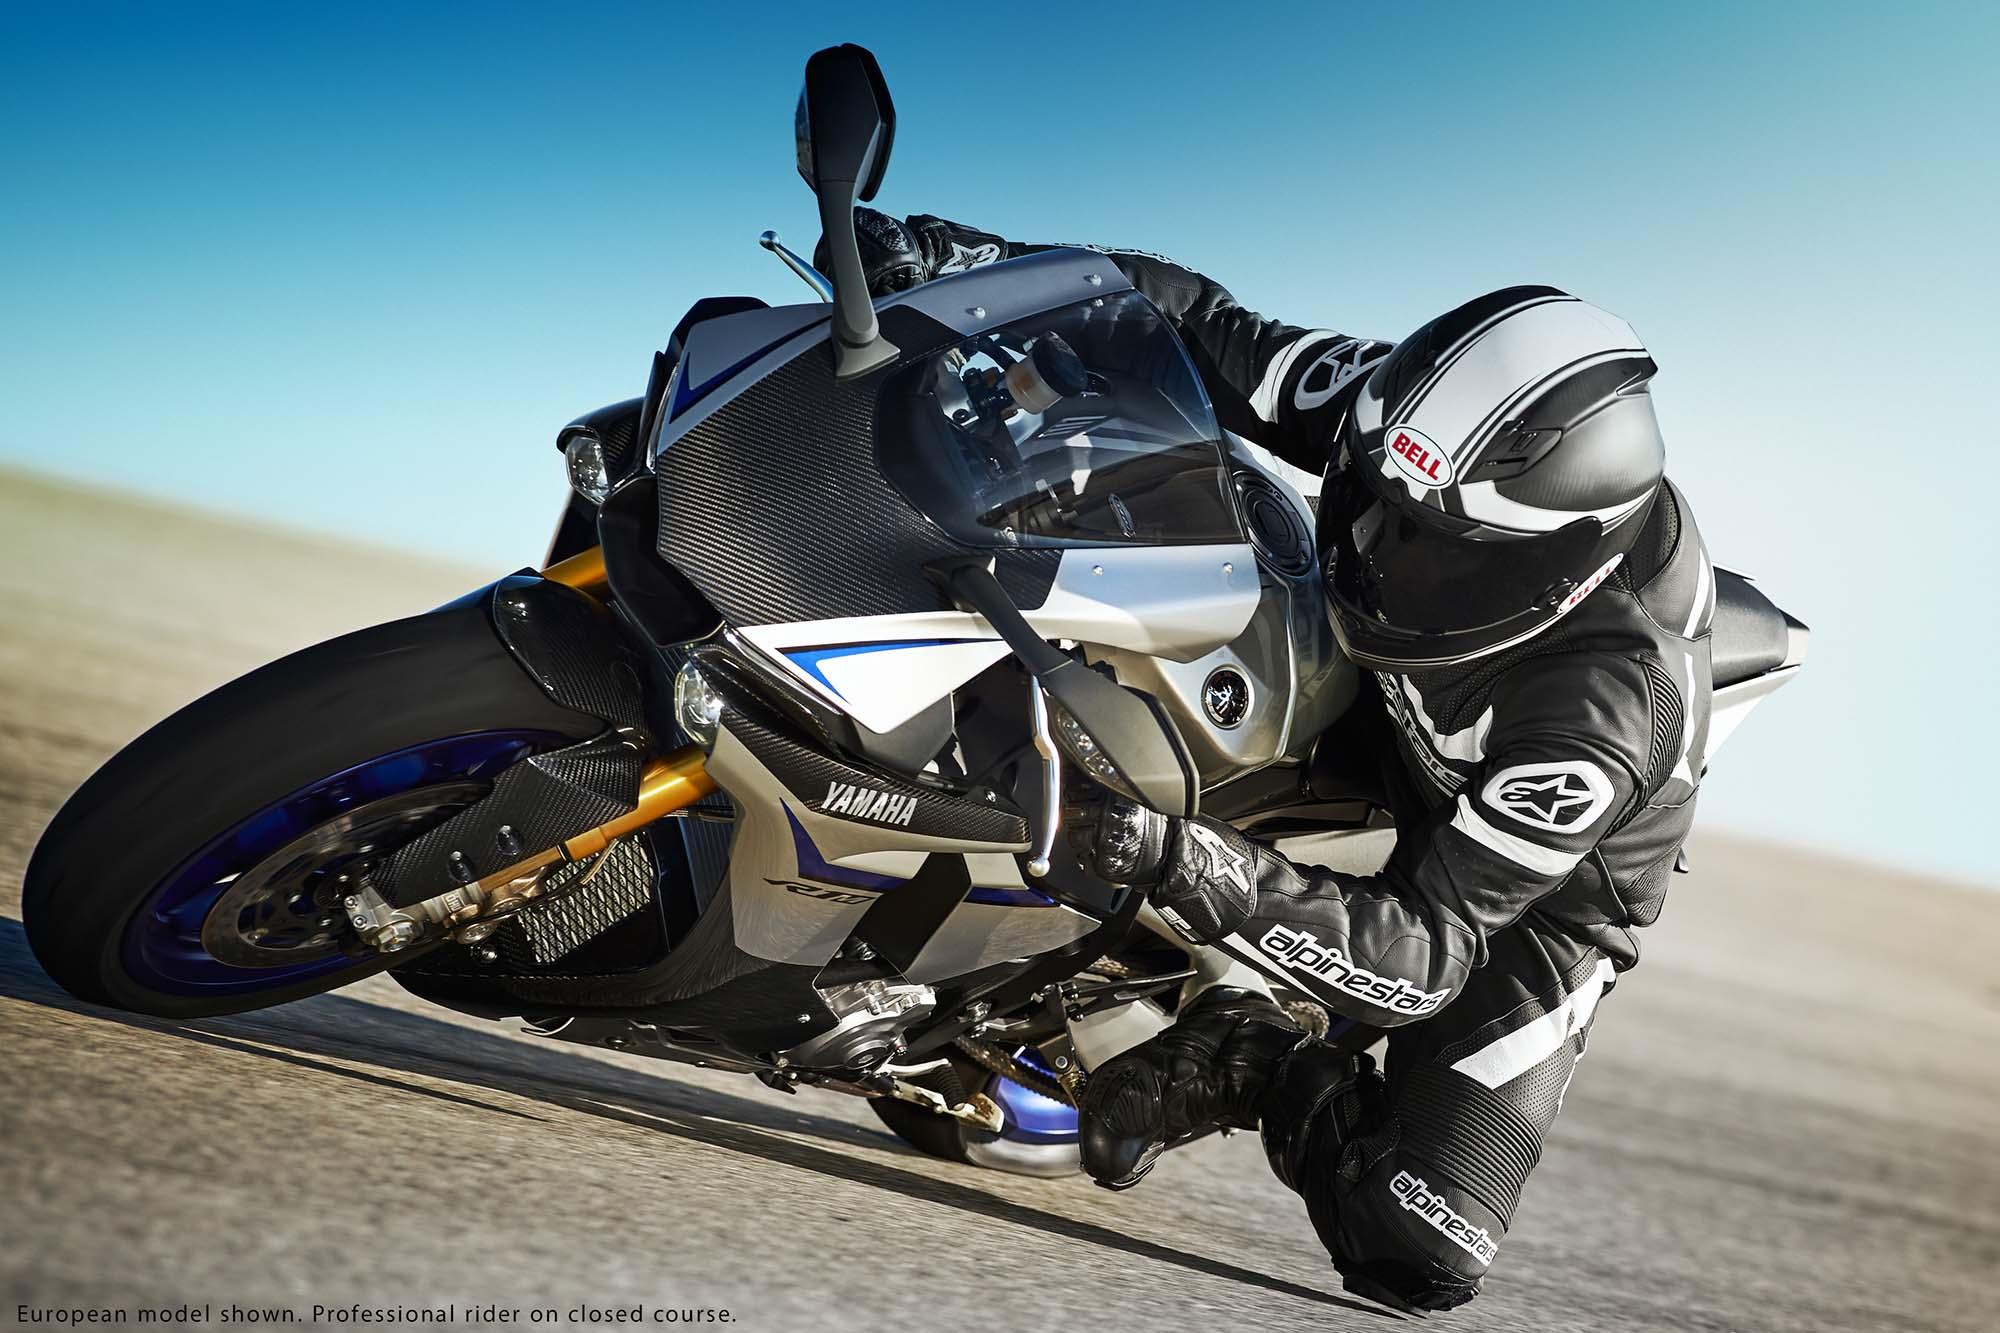 Yamaha r1 m1 carbon fibre parts accessories conquest carbon for Yamaha r1 carbon fiber parts